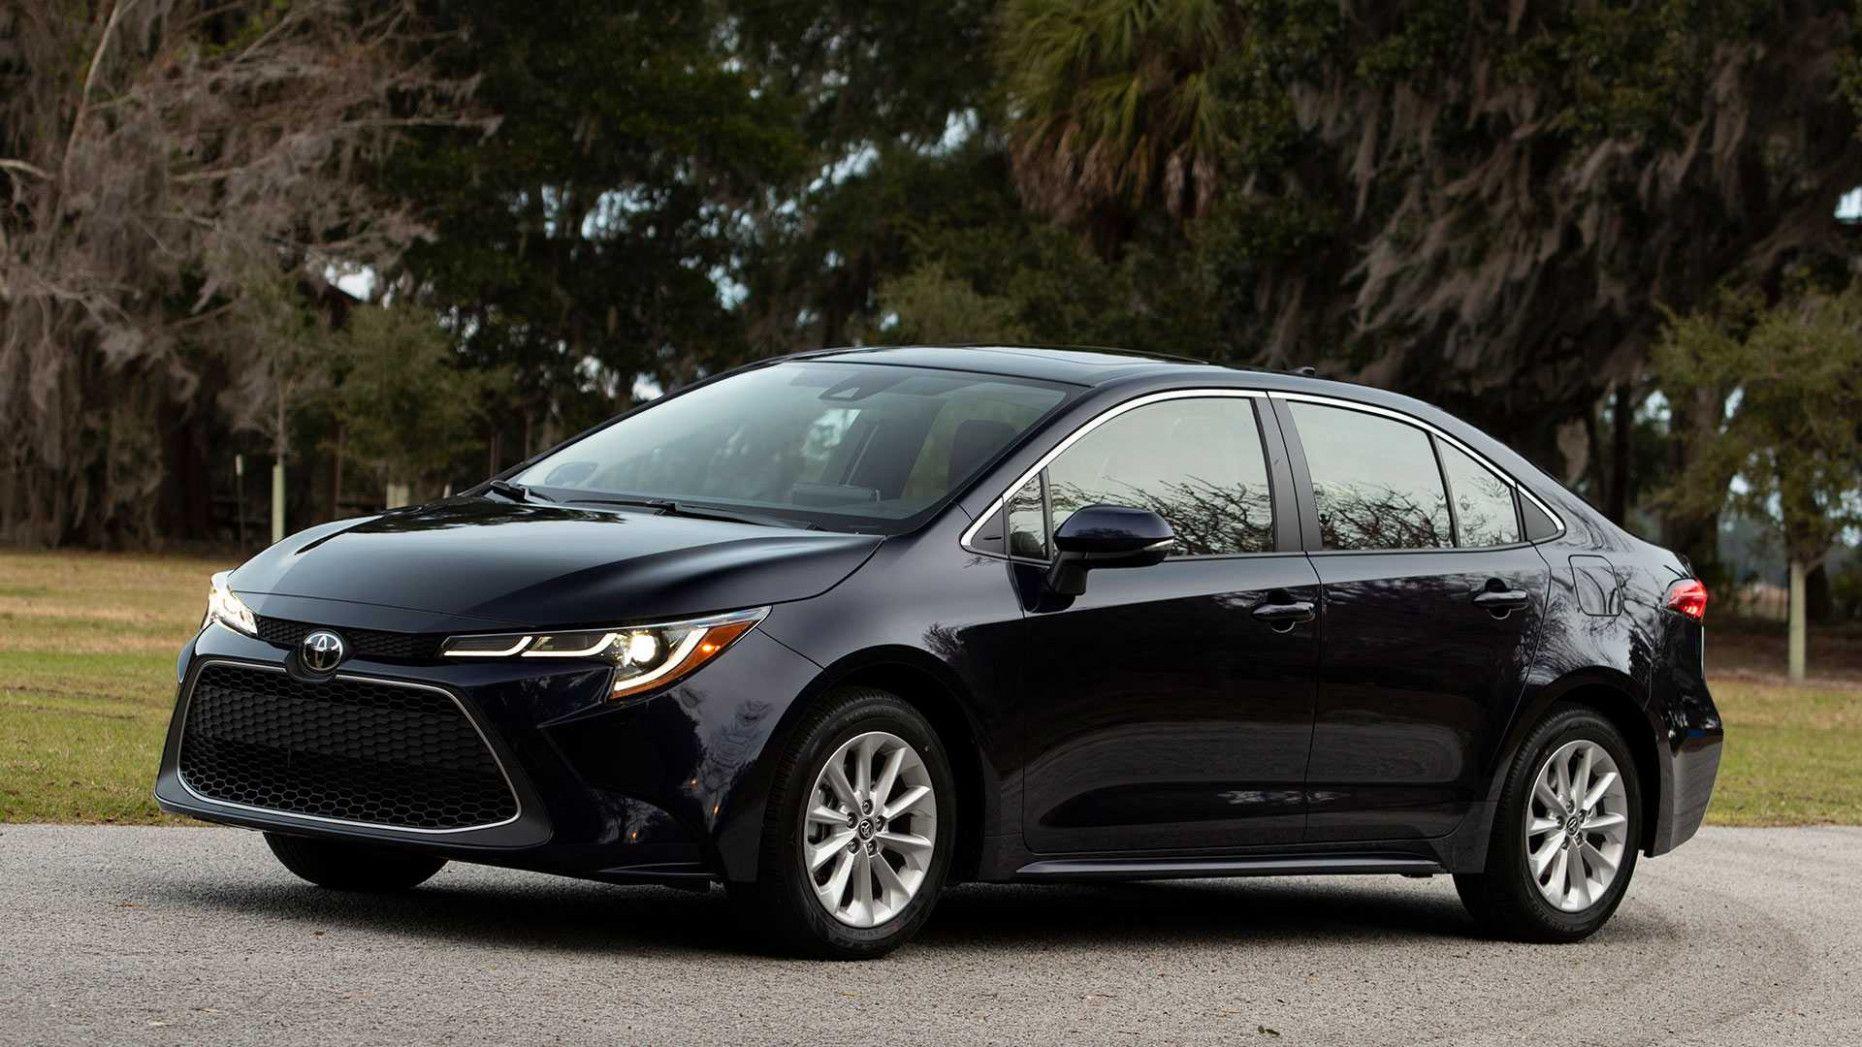 2020 Toyota Corolla Price Toyota Corolla Toyota Corolla Le Corolla Hatchback